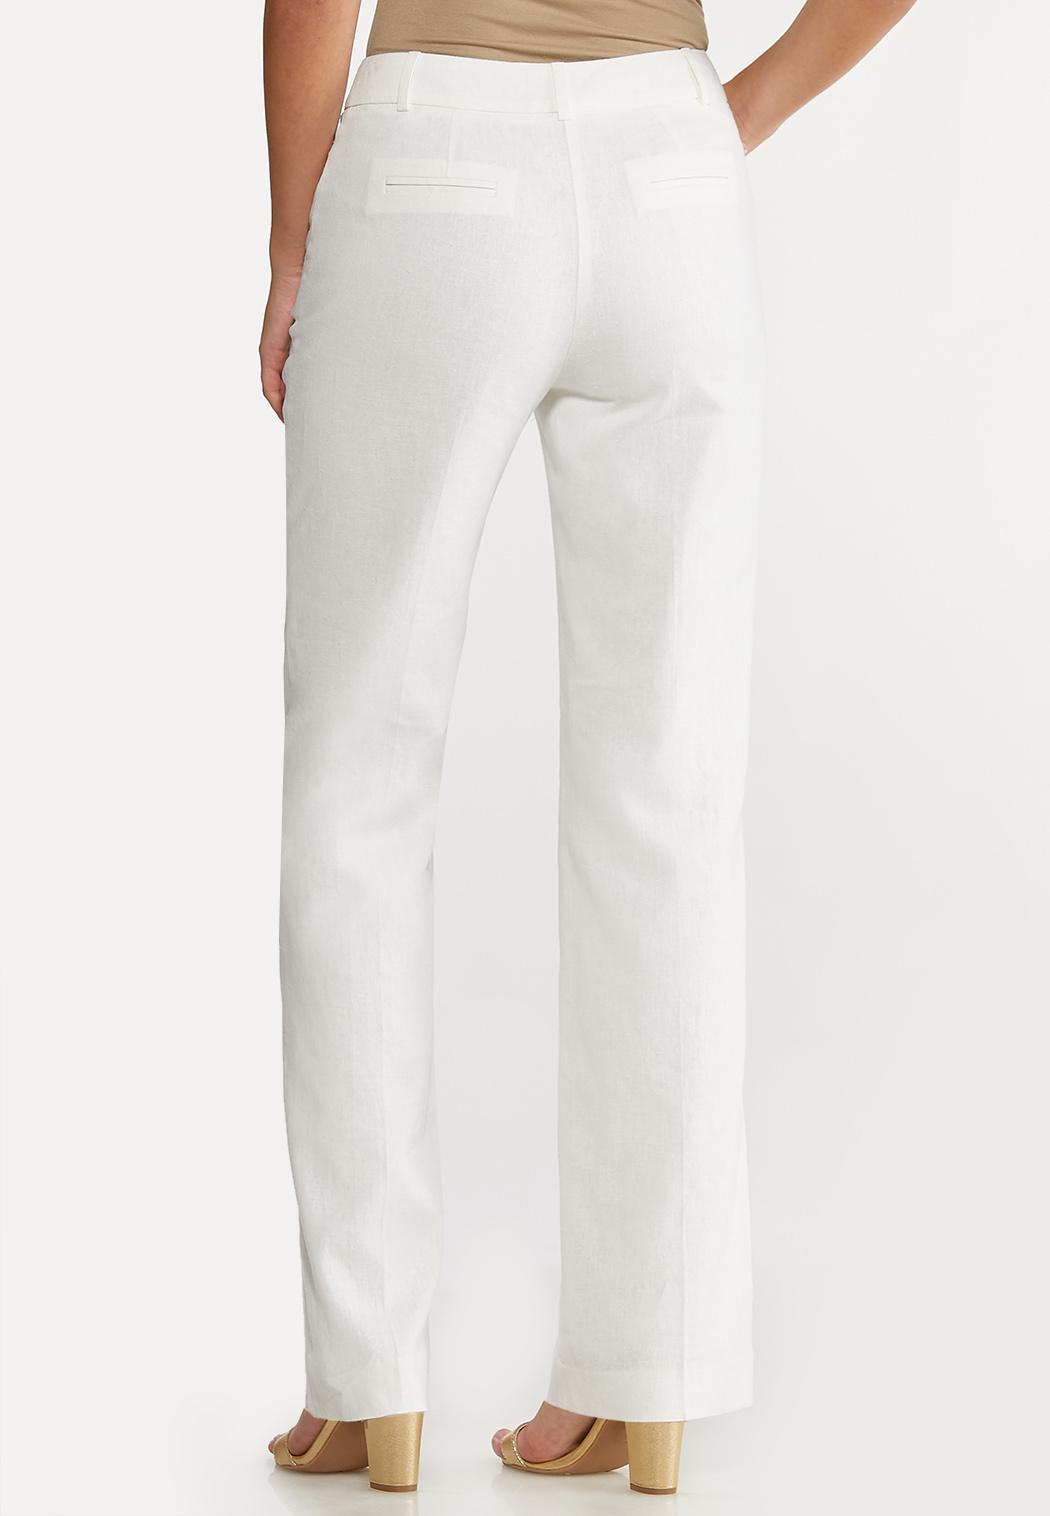 White Linen Trouser Pants (Item #44109897)